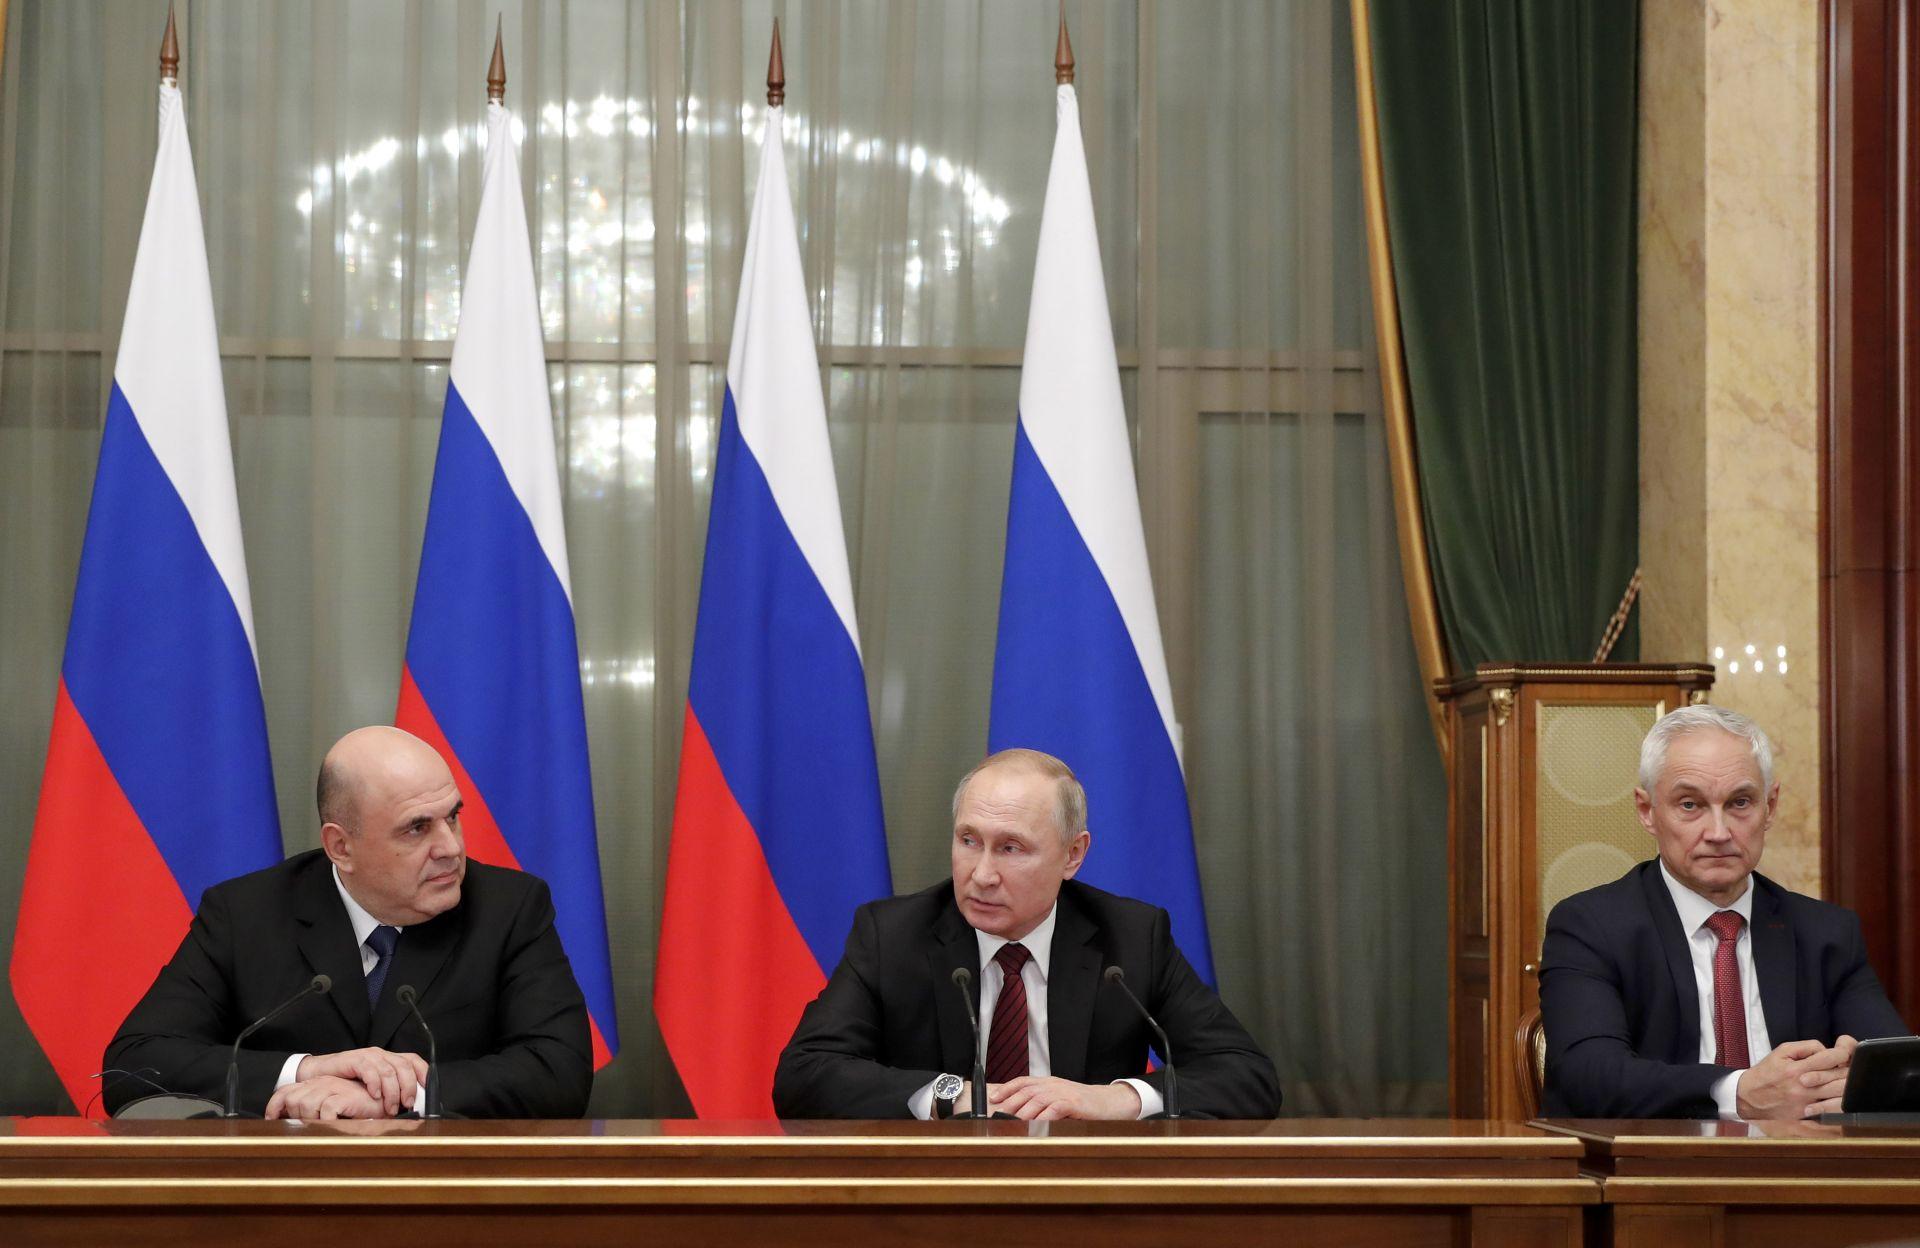 Михаил Мишустин, Владимир Путин, Андрей Белоусов